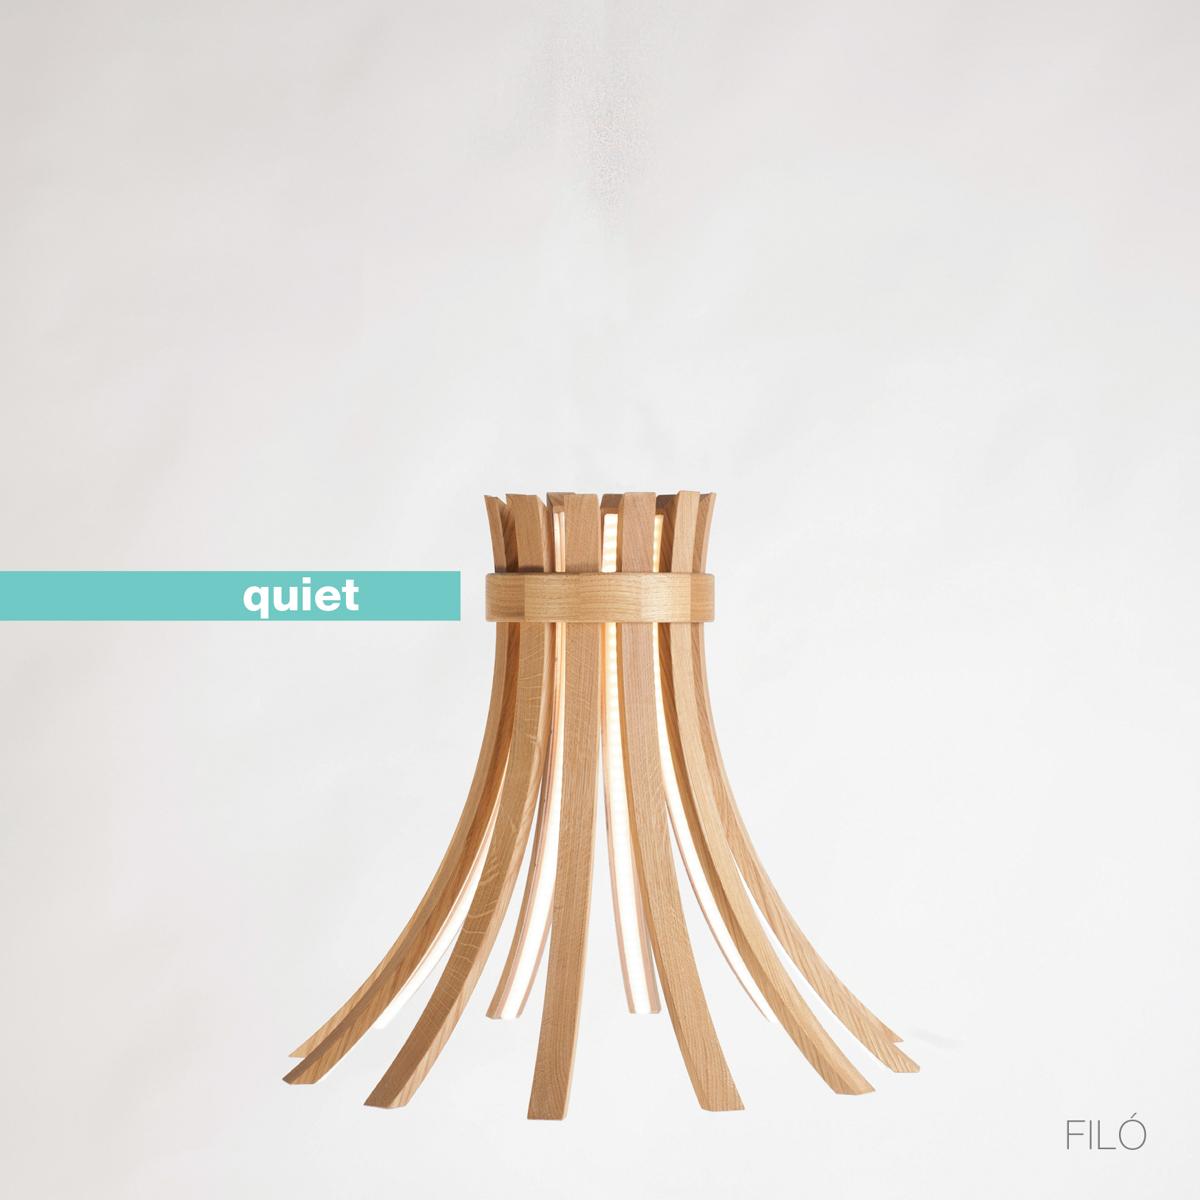 flyerfilo_personality_02_quiet-2